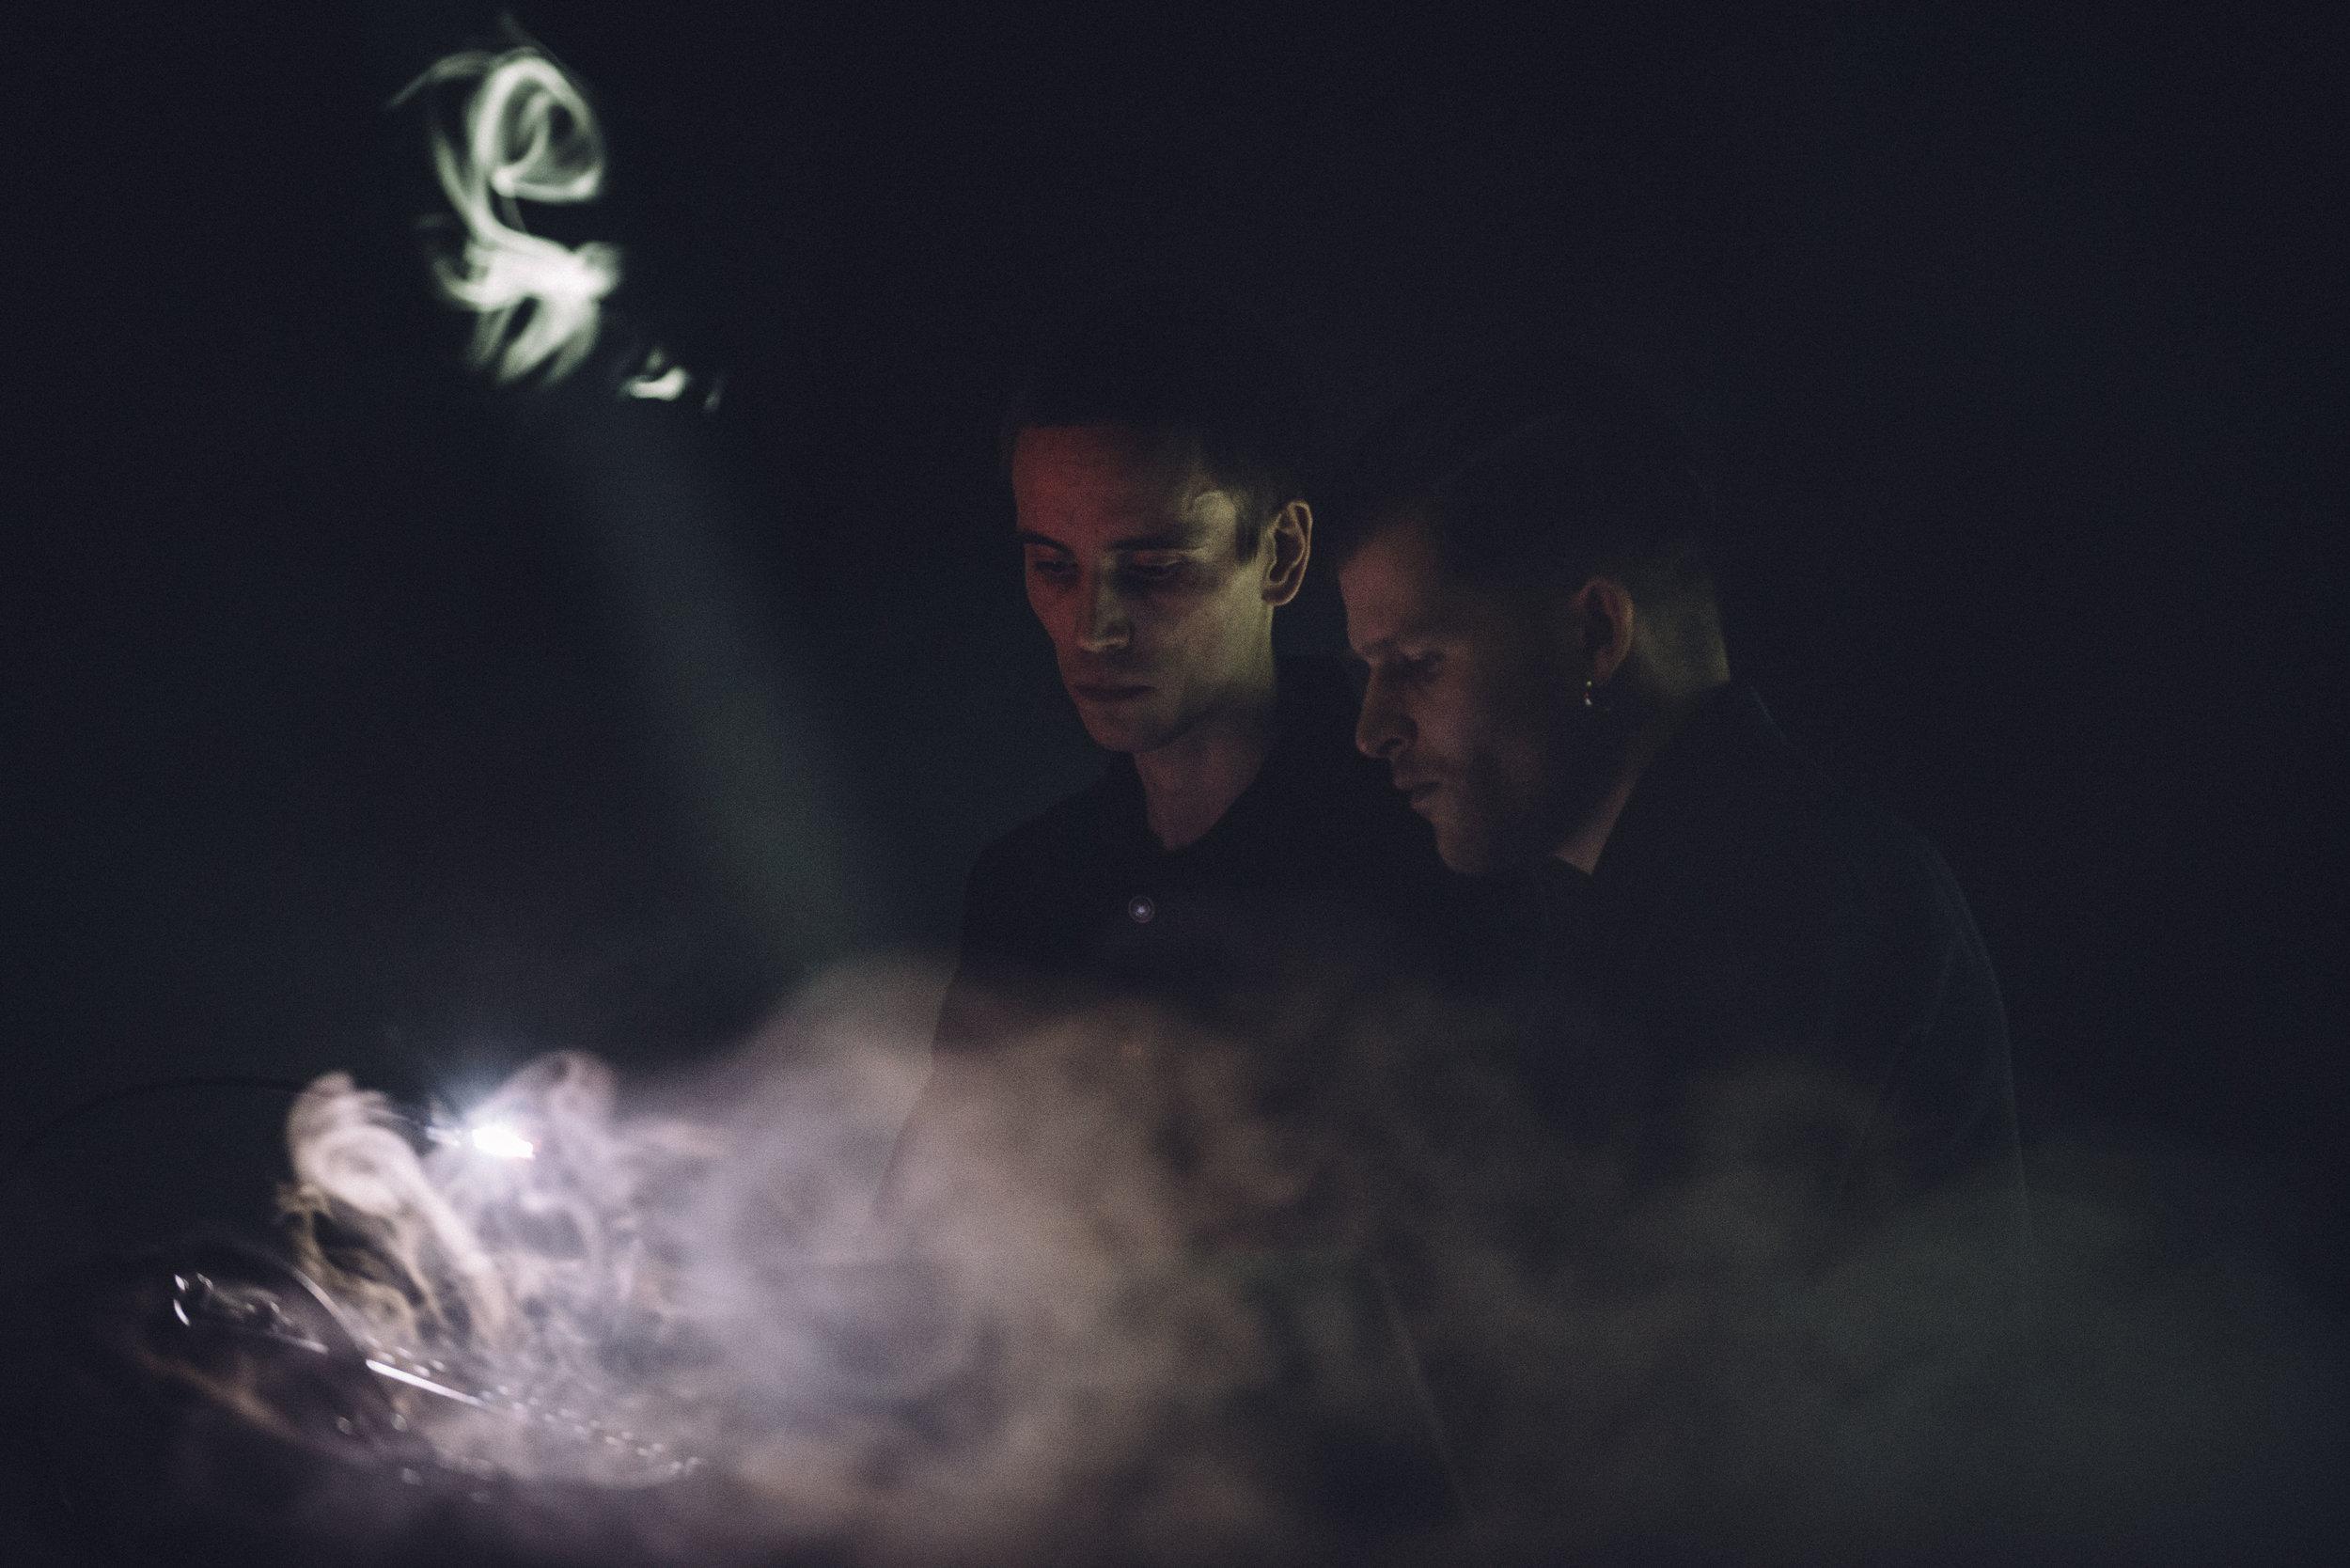 YAIR ELAZAR GLOTMAN & MATS ERLANDSSON © Camille Blake_Berliner Festspiele-6 (1).jpg